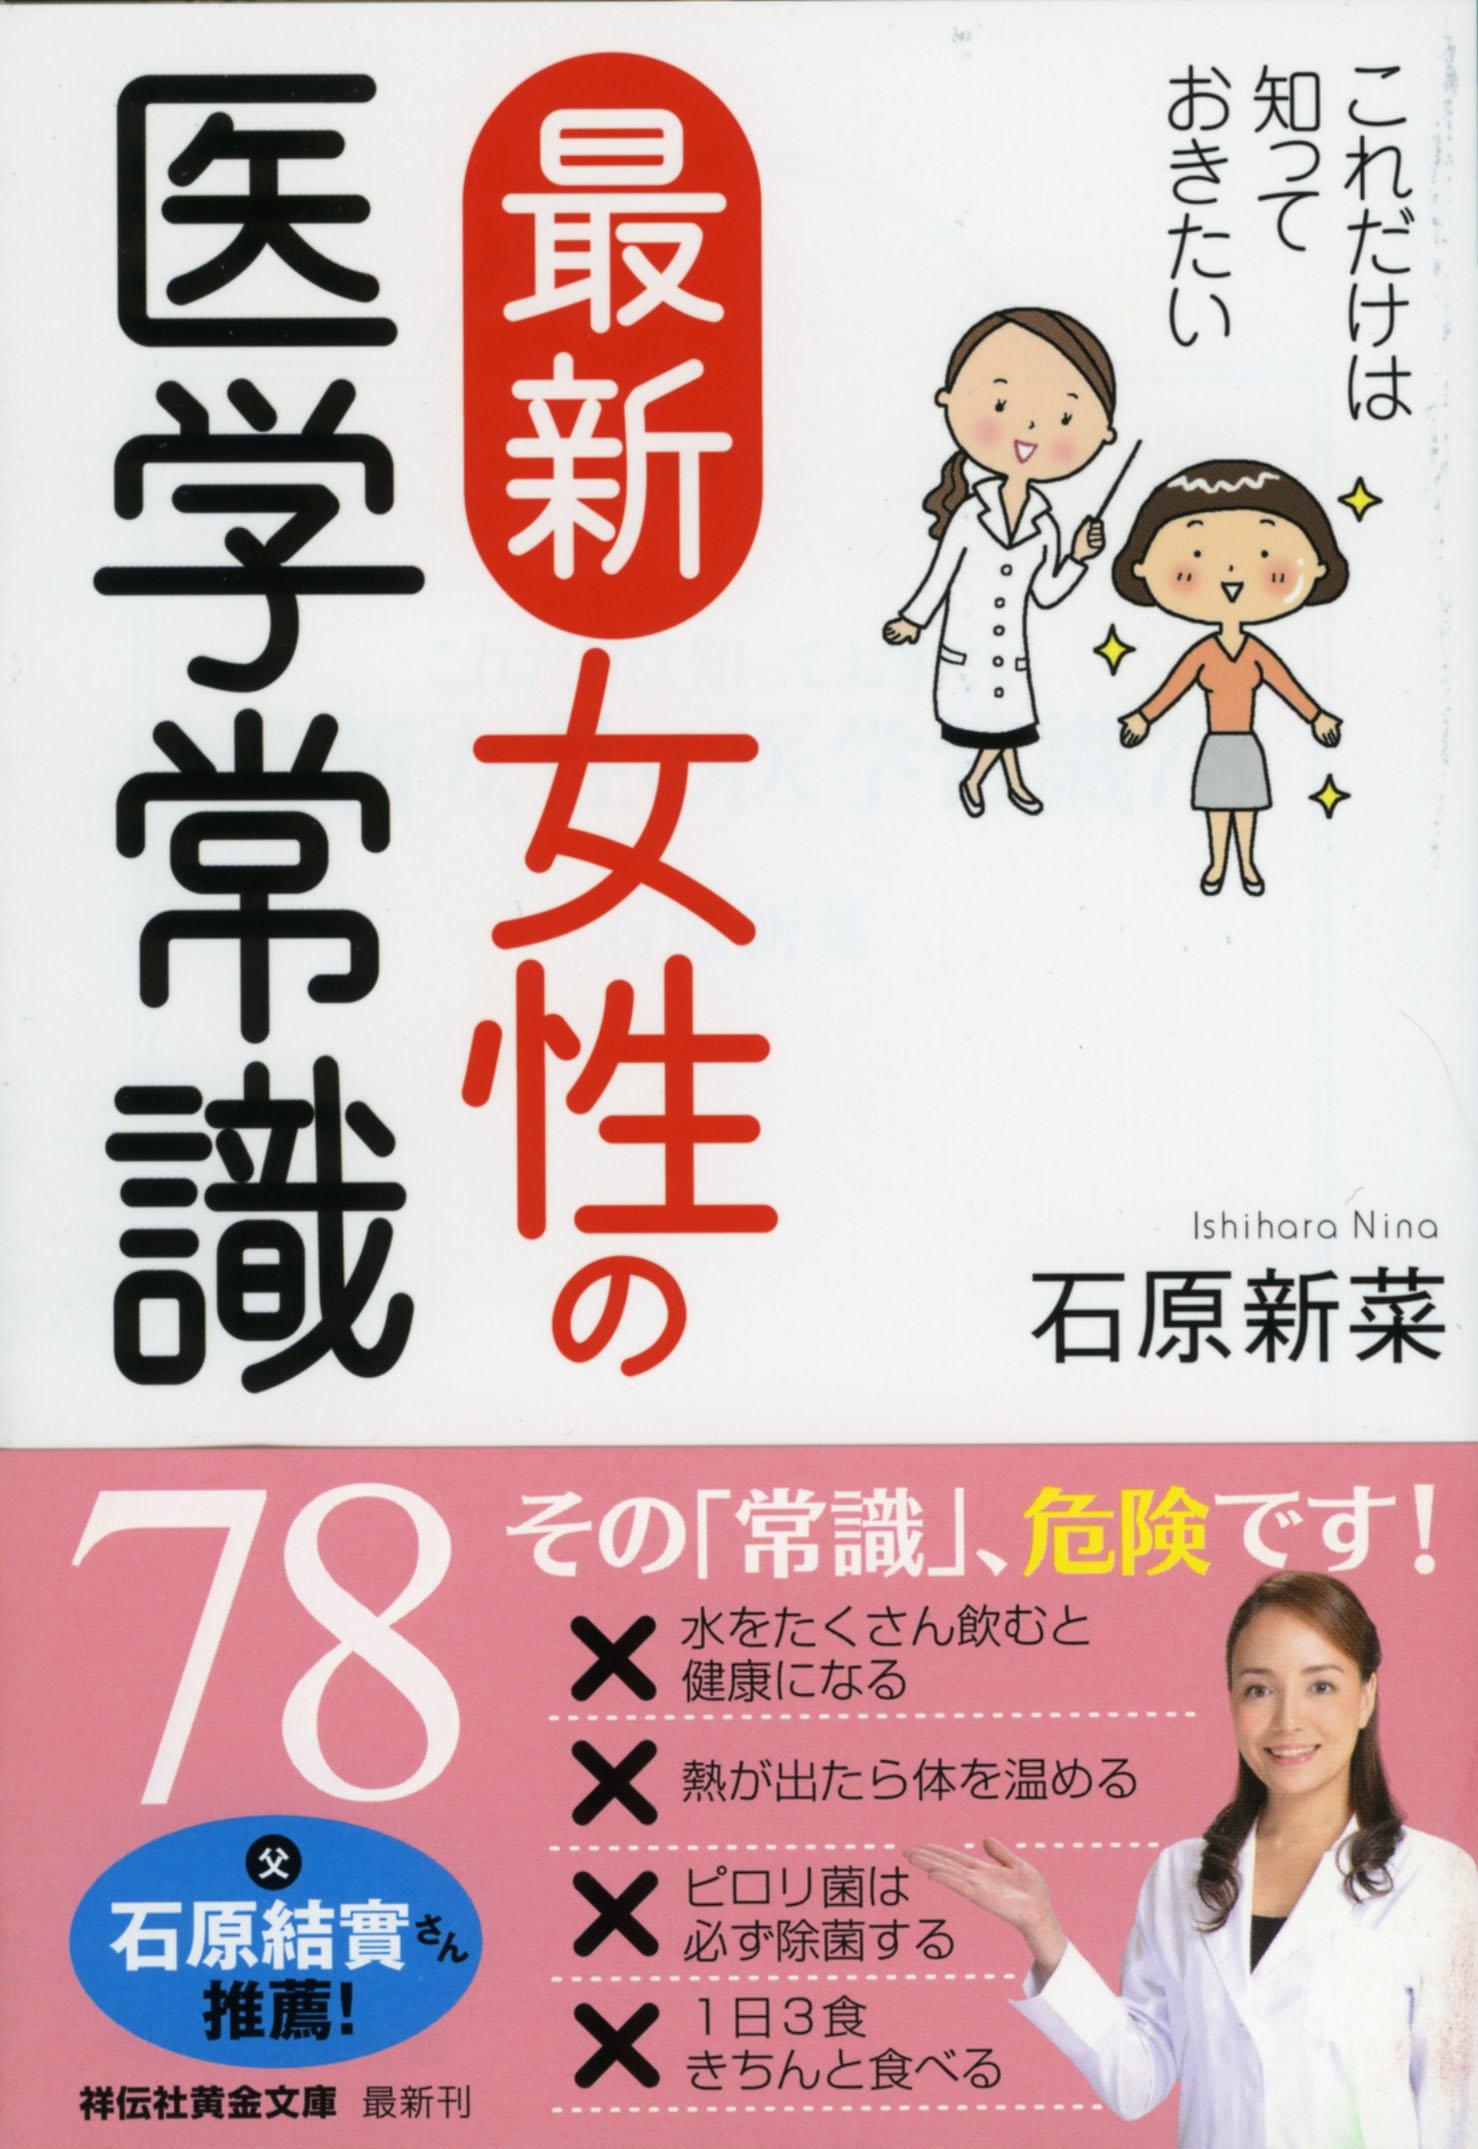 これだけは知っておきたい 最新女性の医学常識78